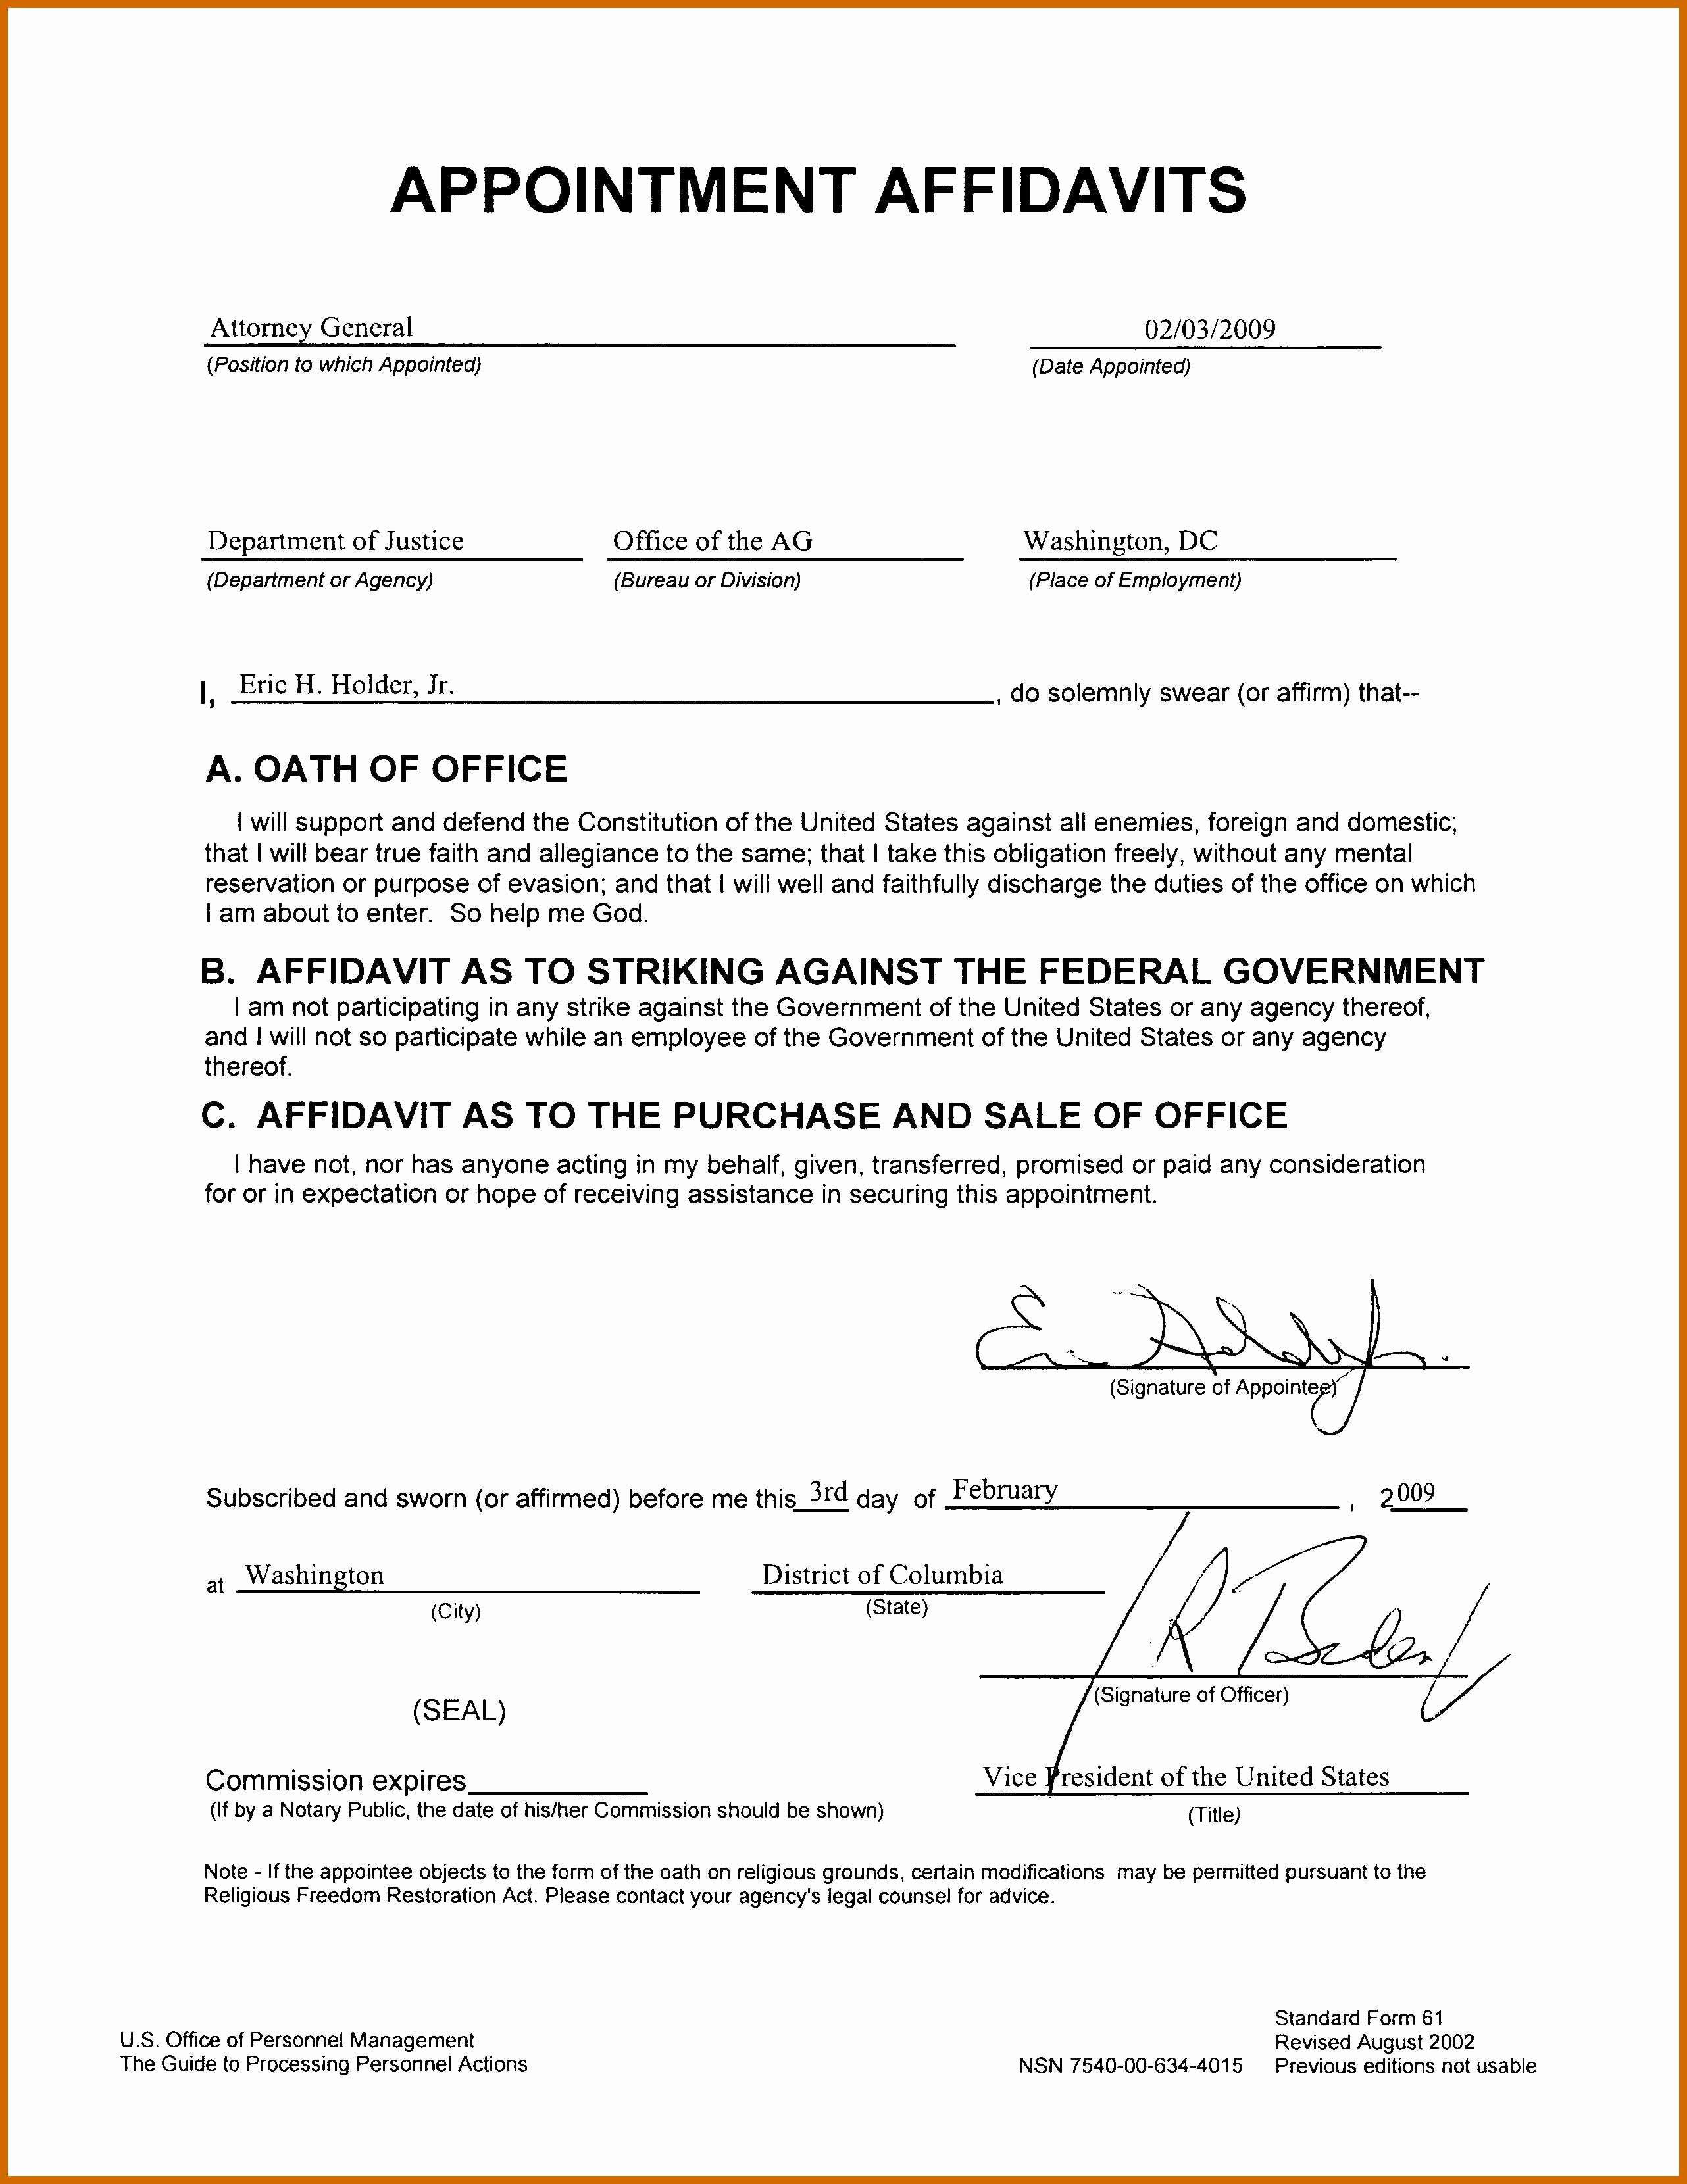 Affidavit Of Support Sample Letter Awesome 3 4 Affidavit Sample Letter